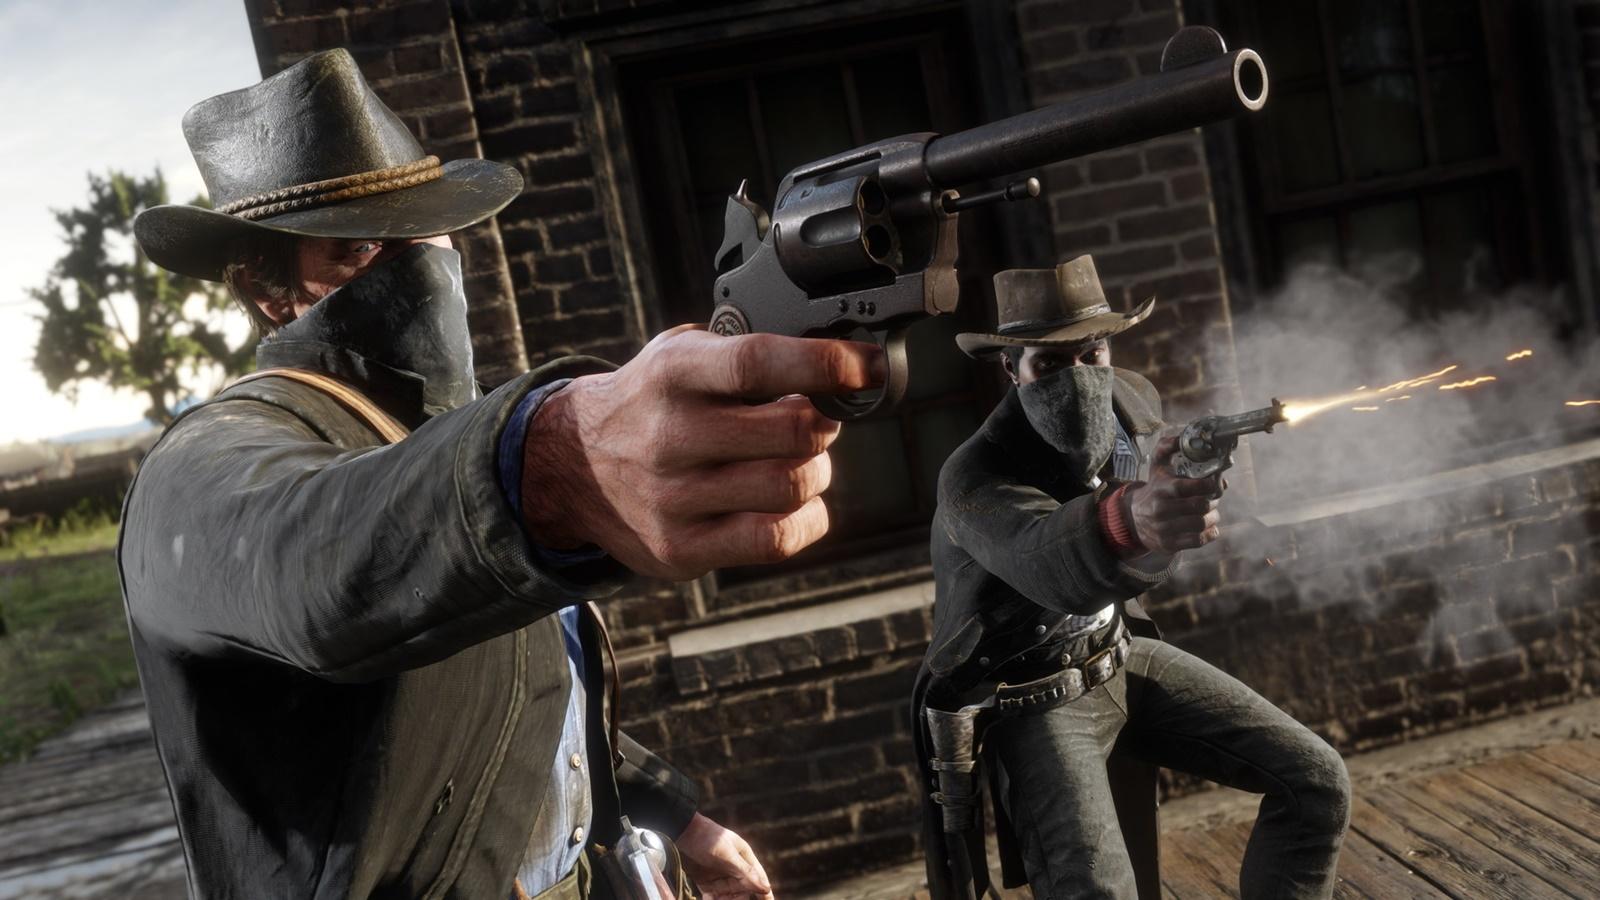 (한글)레D2 레데리 Red Dead 액션 월드 그래픽 모션 풍경 파트2